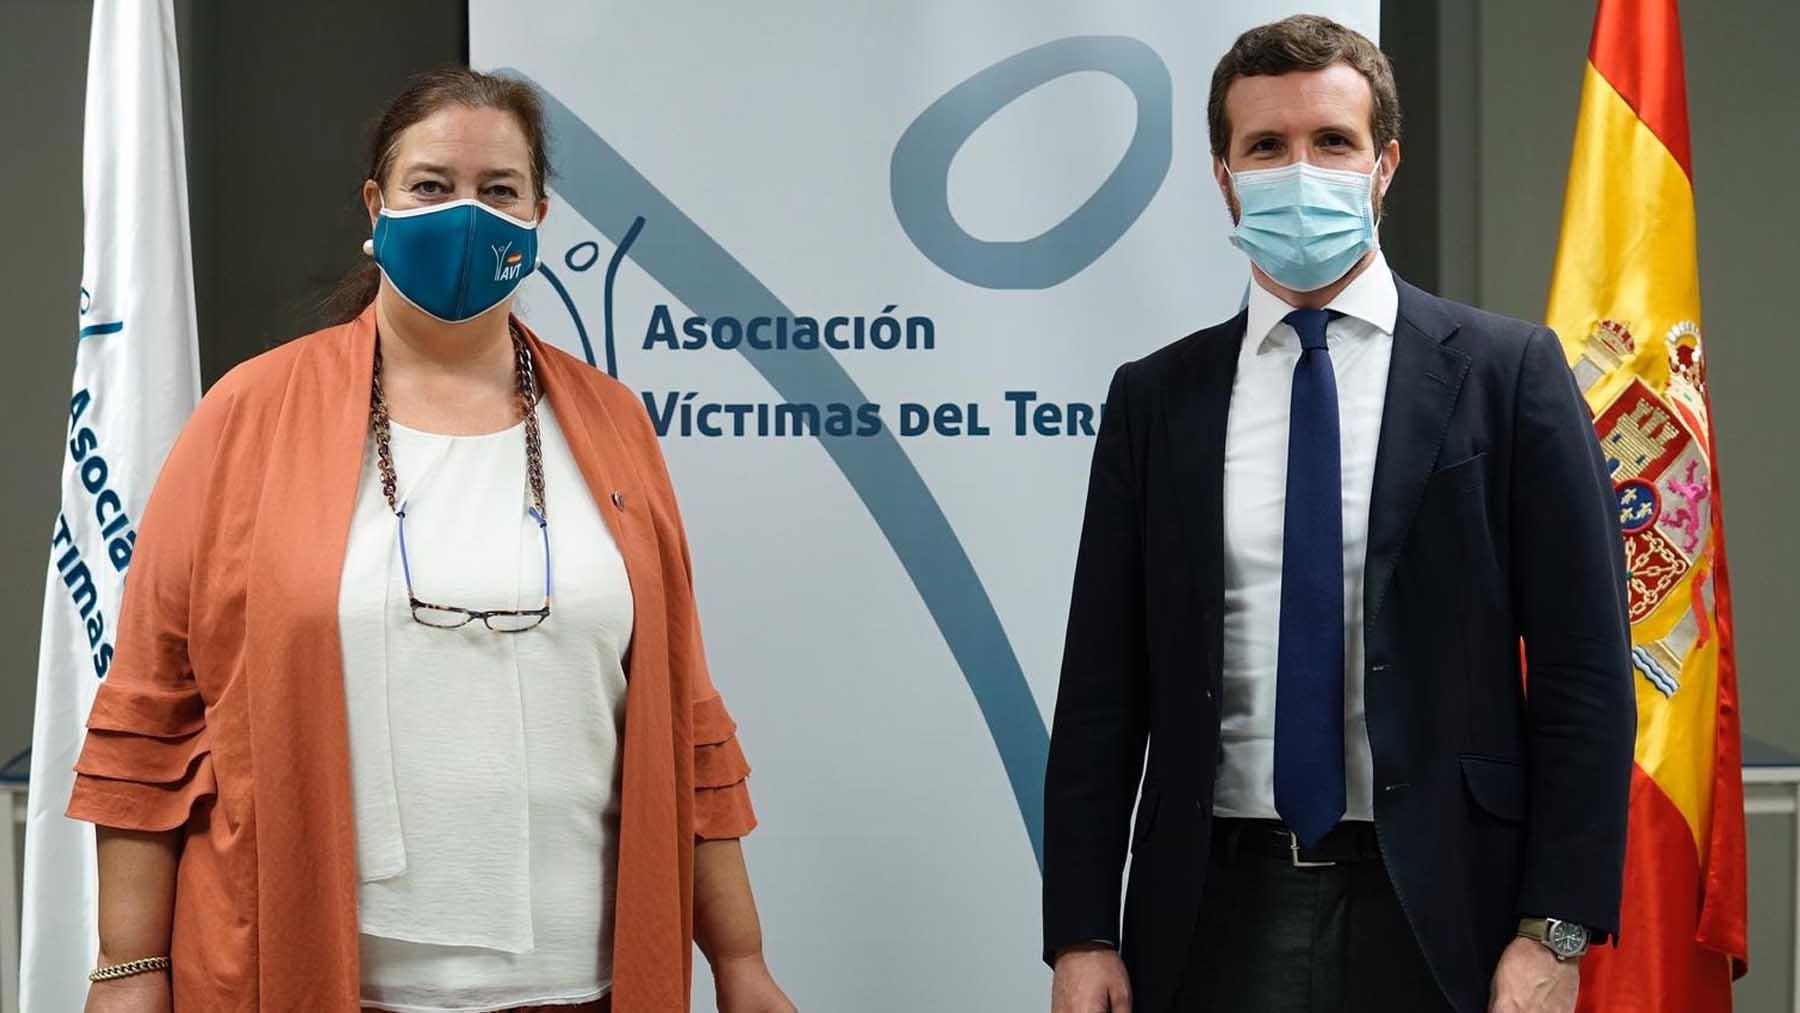 Pablo Casado y la presidenta de AVT, Maite Araluce. Foto: Europa Press